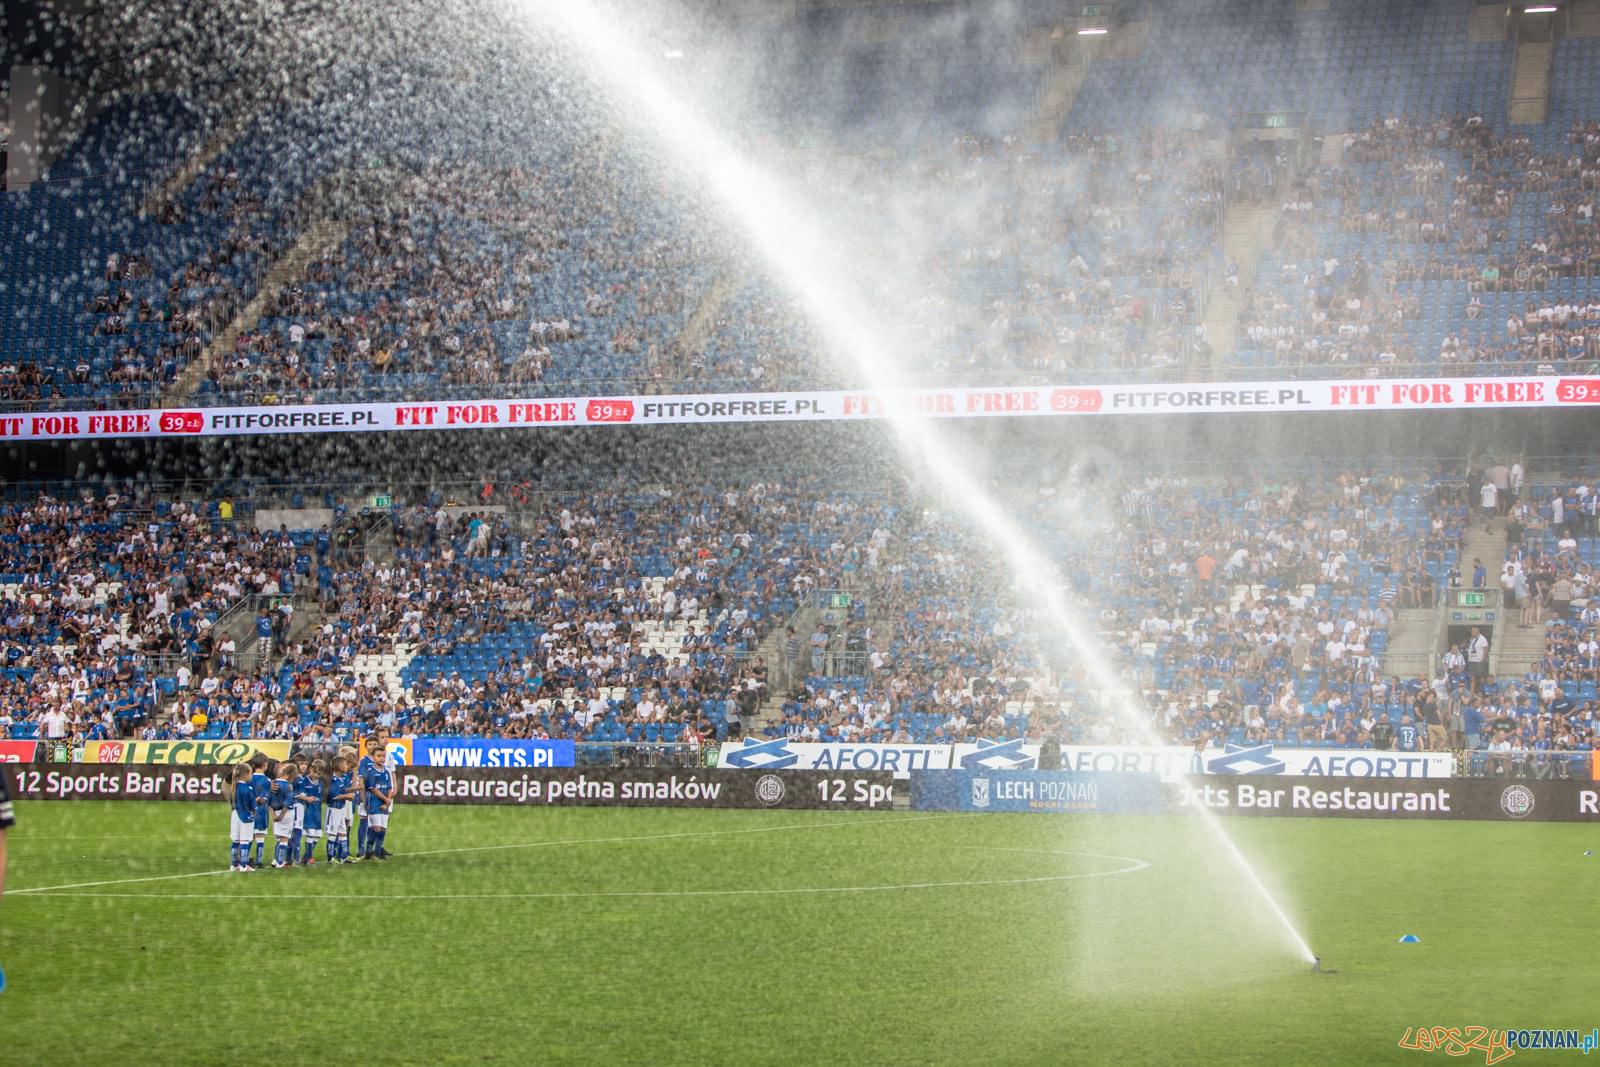 Lech Poznań - FC Shakhtyor Soligorsk (najlepsi kibice na świec  Foto: lepszyPOZNAN.pl/Piotr Rychter